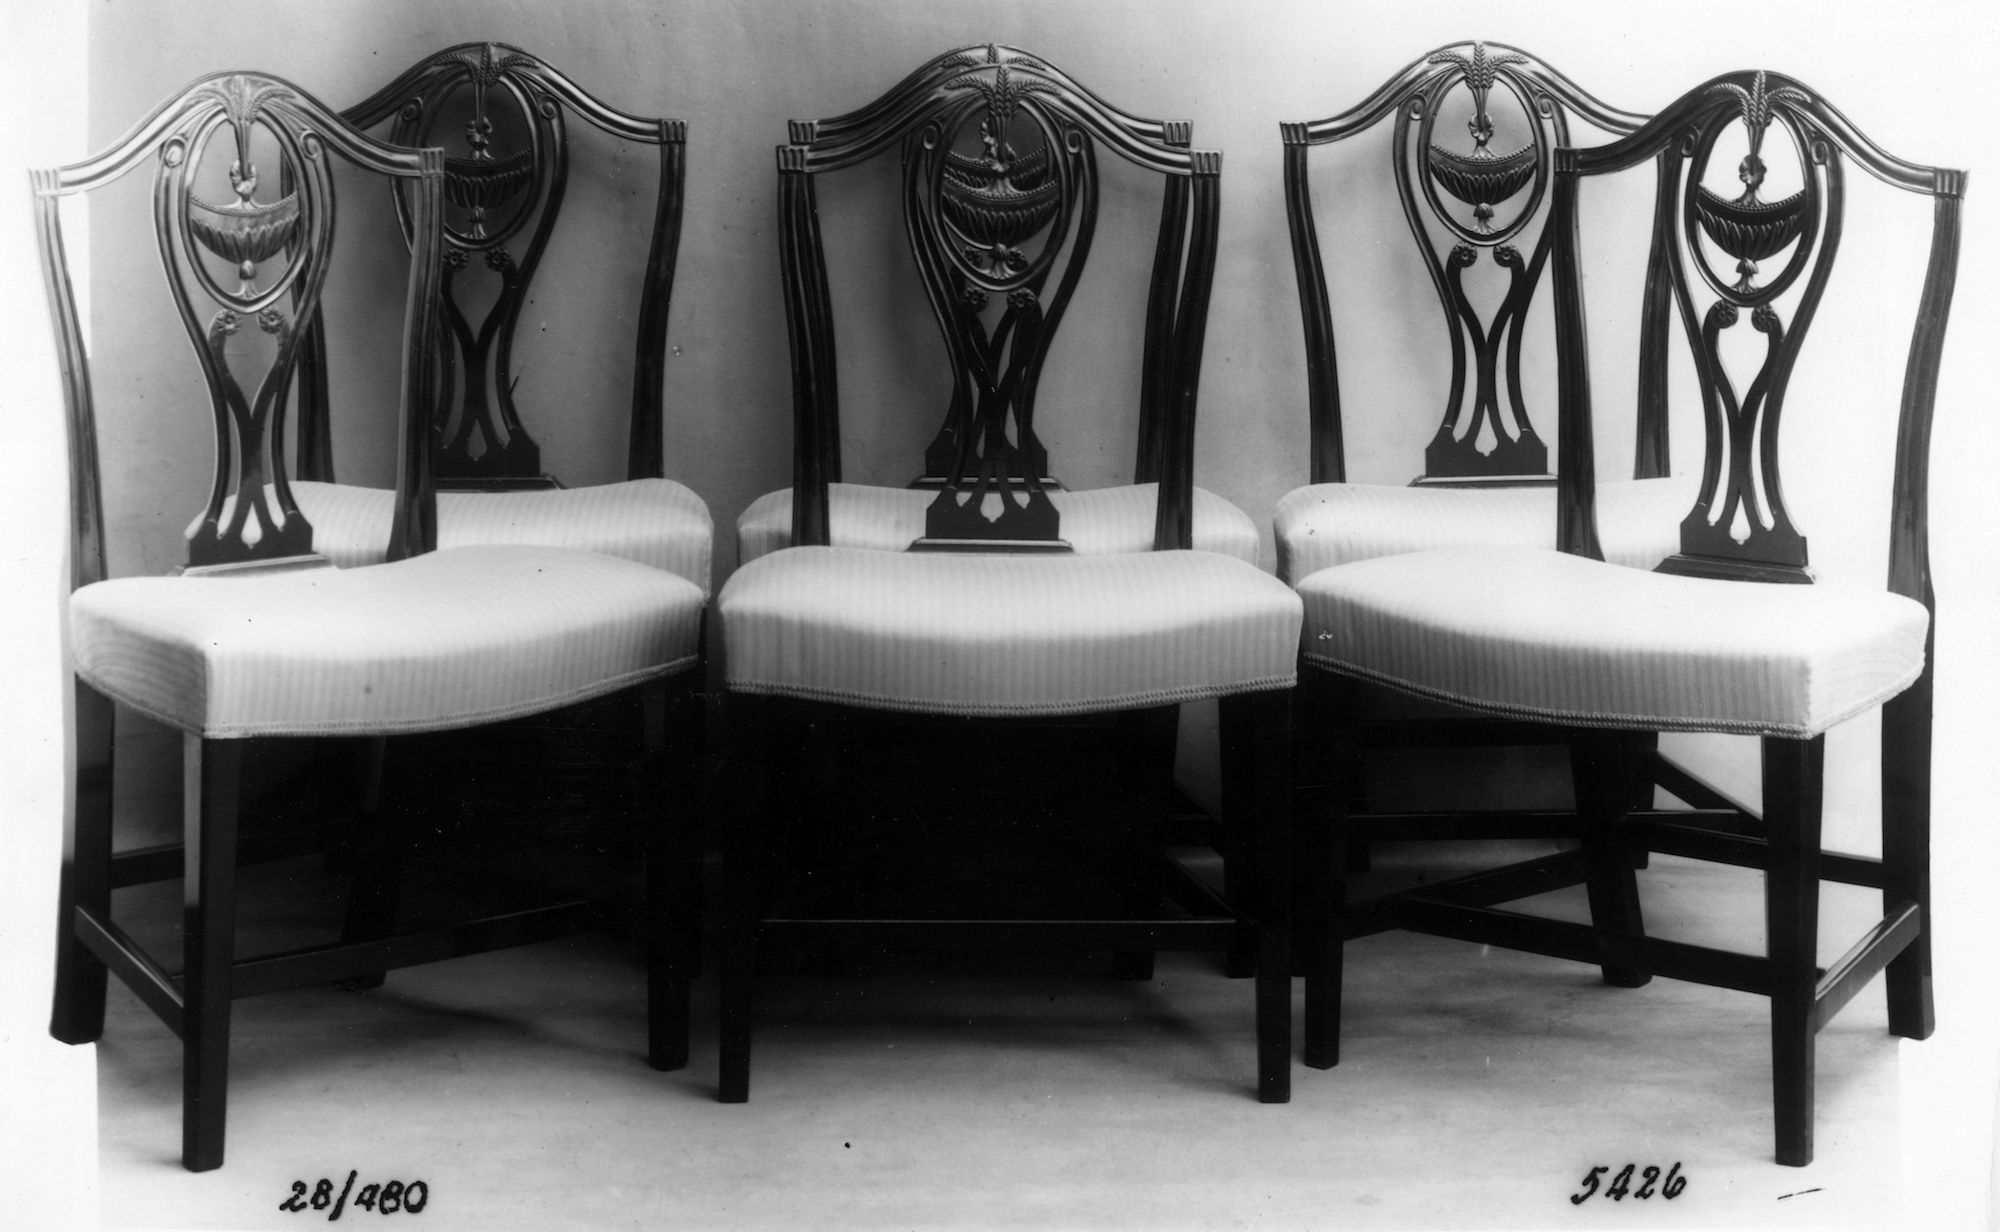 Hepplewhite style chairs